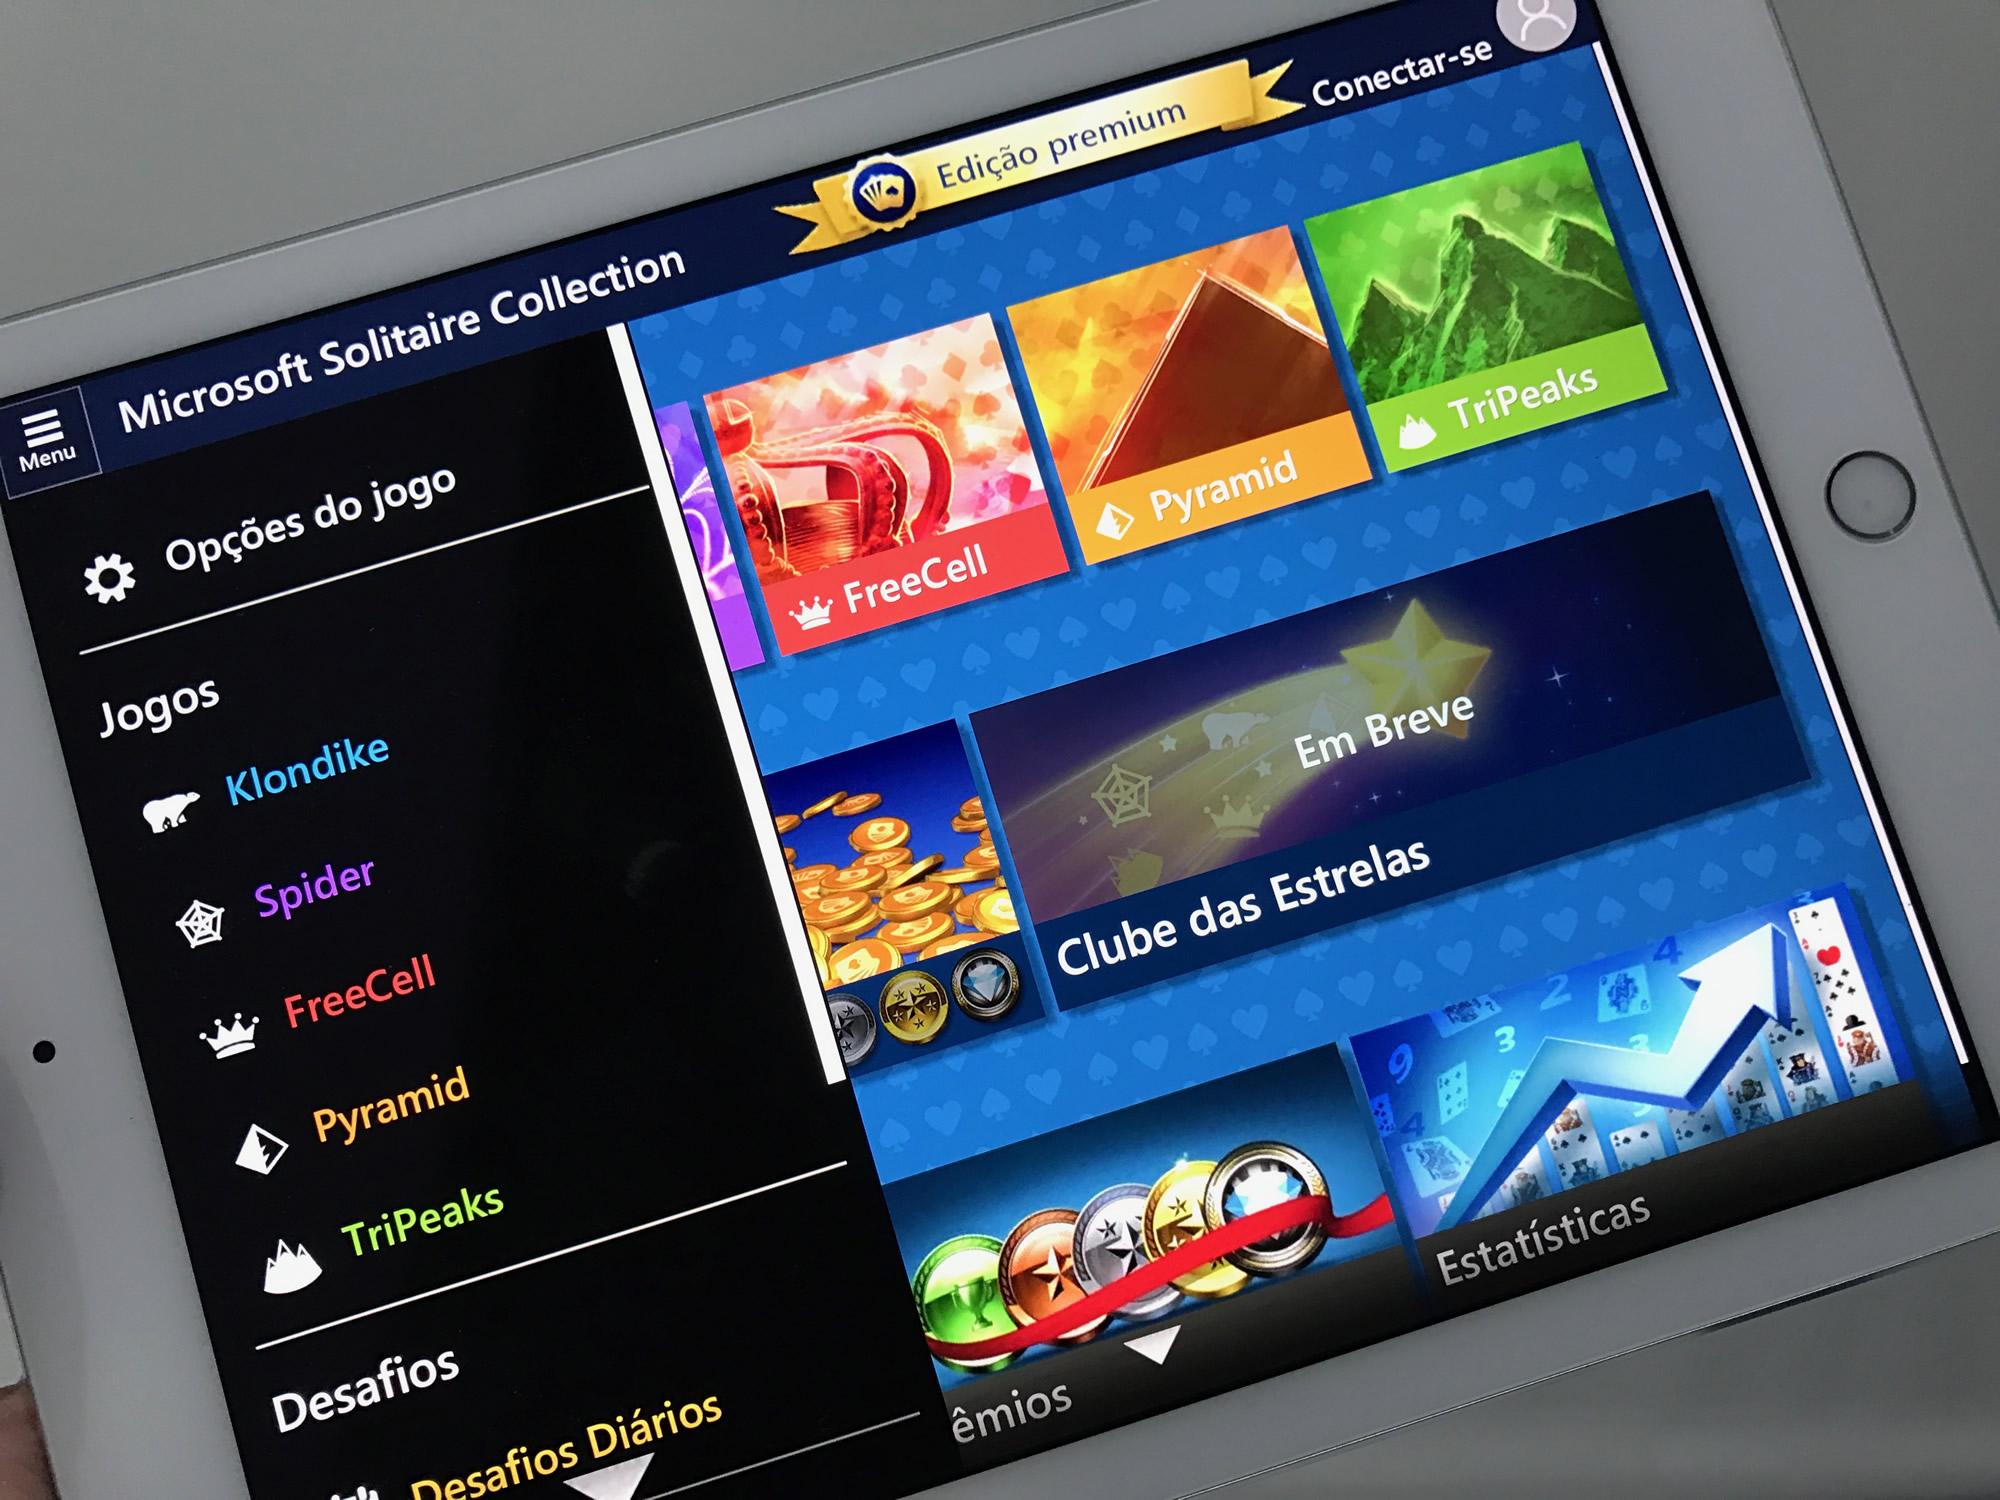 Microsoft lança Paciência, clássico do Windows, para Android e iOS